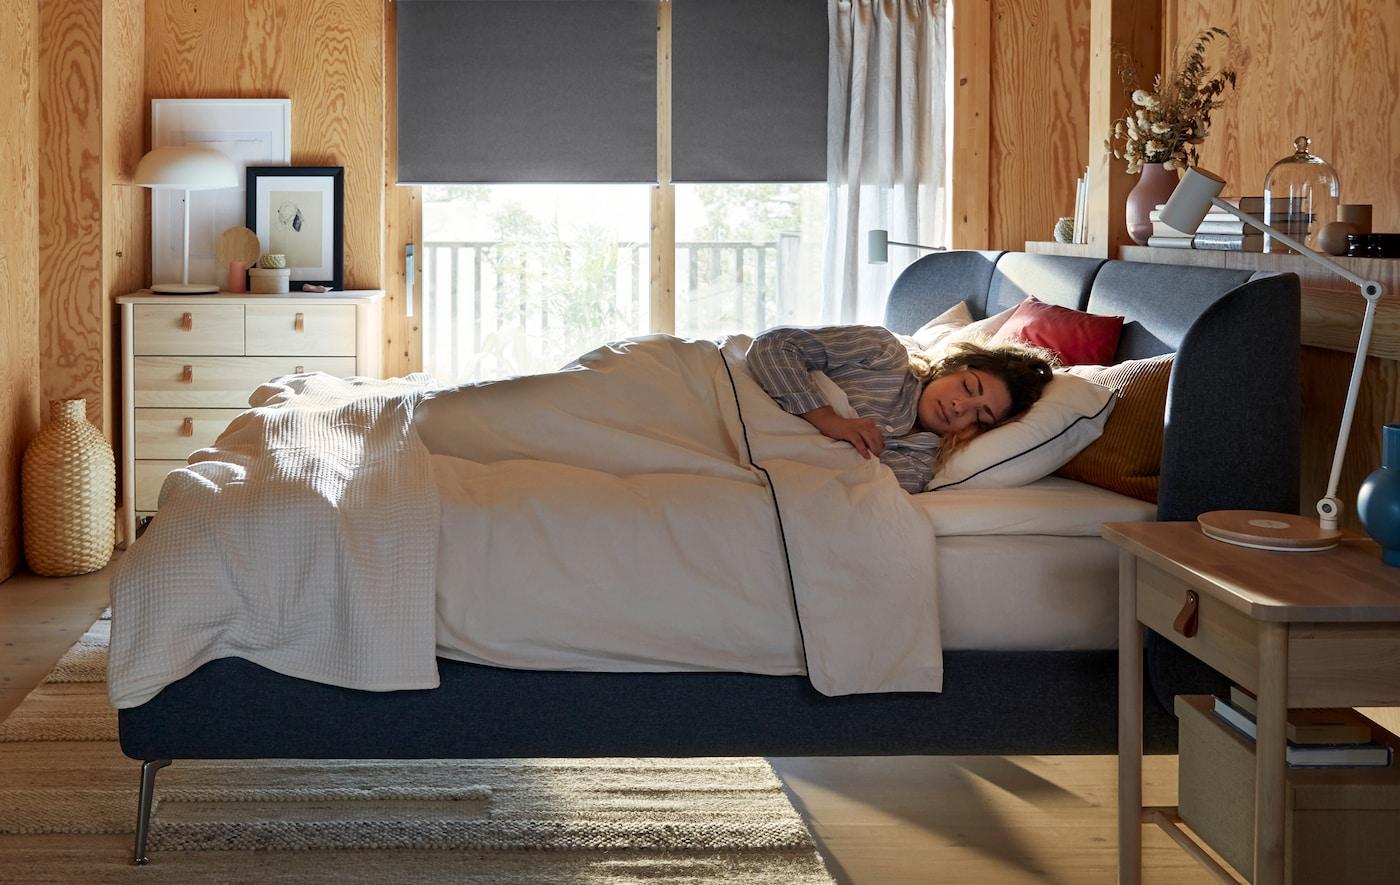 Eine Frau liegt in einem blauen TUFJORD Bett. Von hinten fällt Licht auf sie.